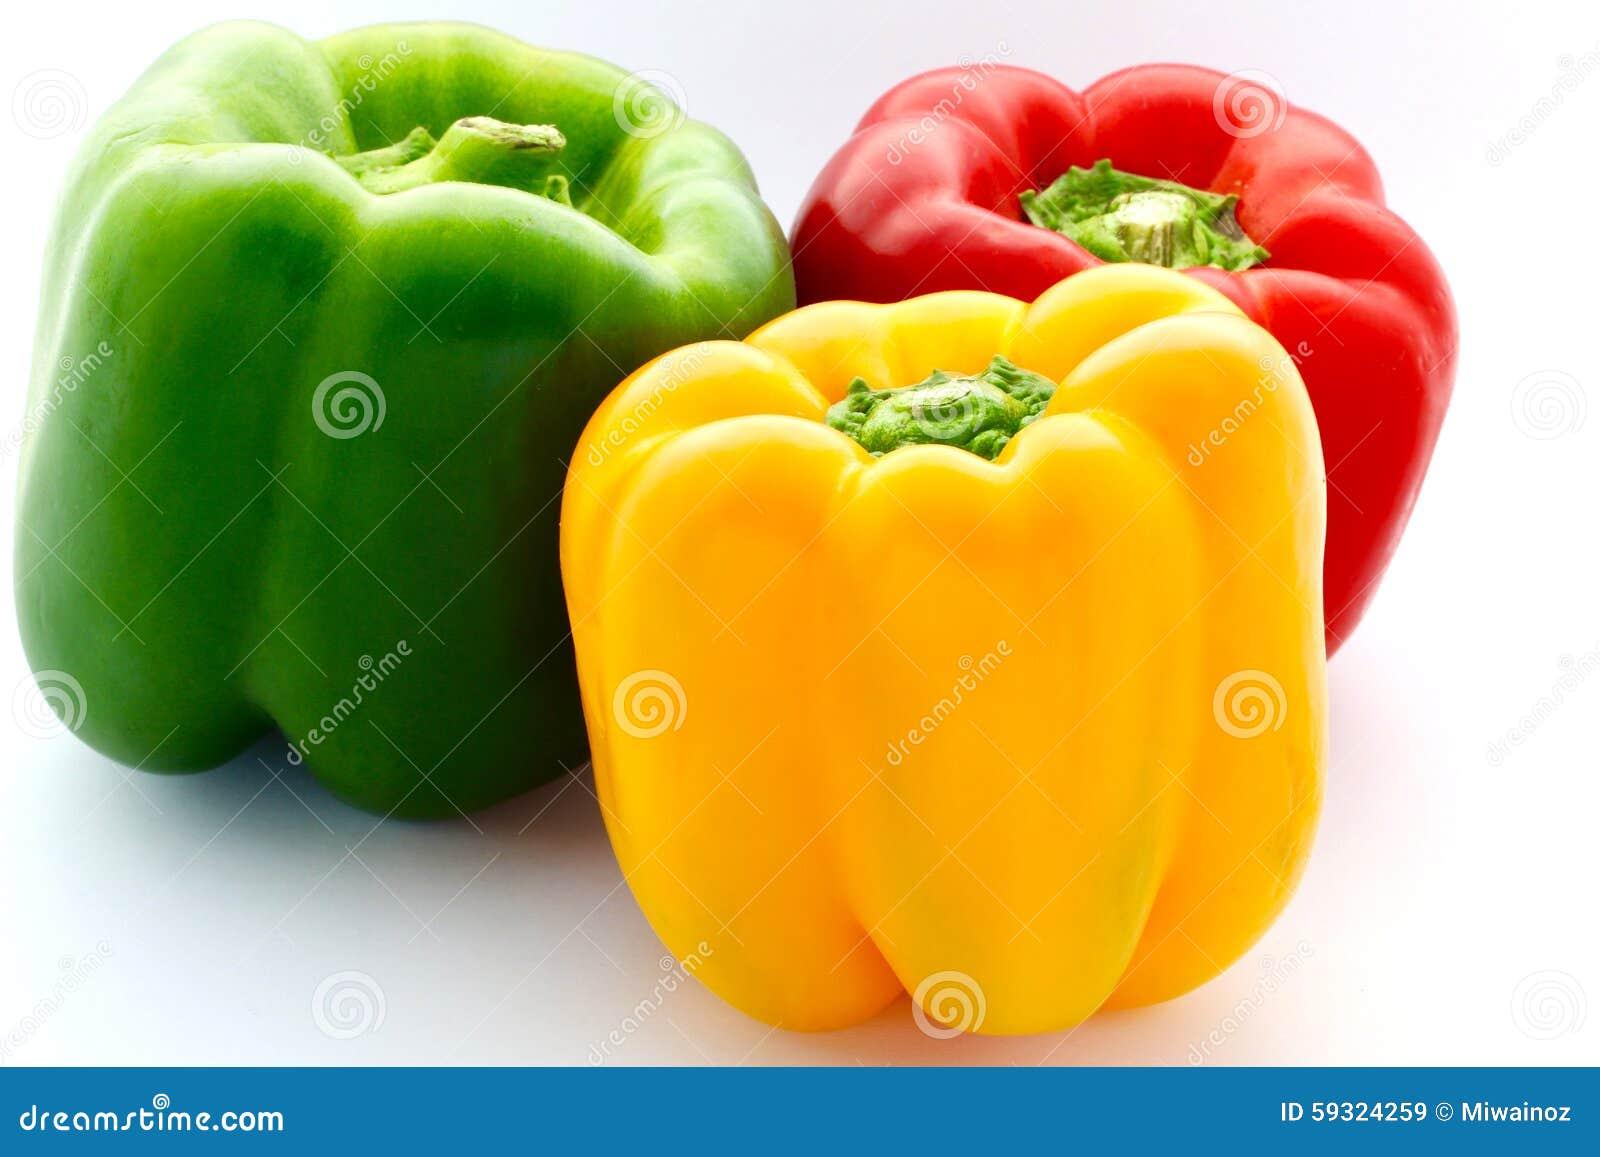 Colorful Capsicum